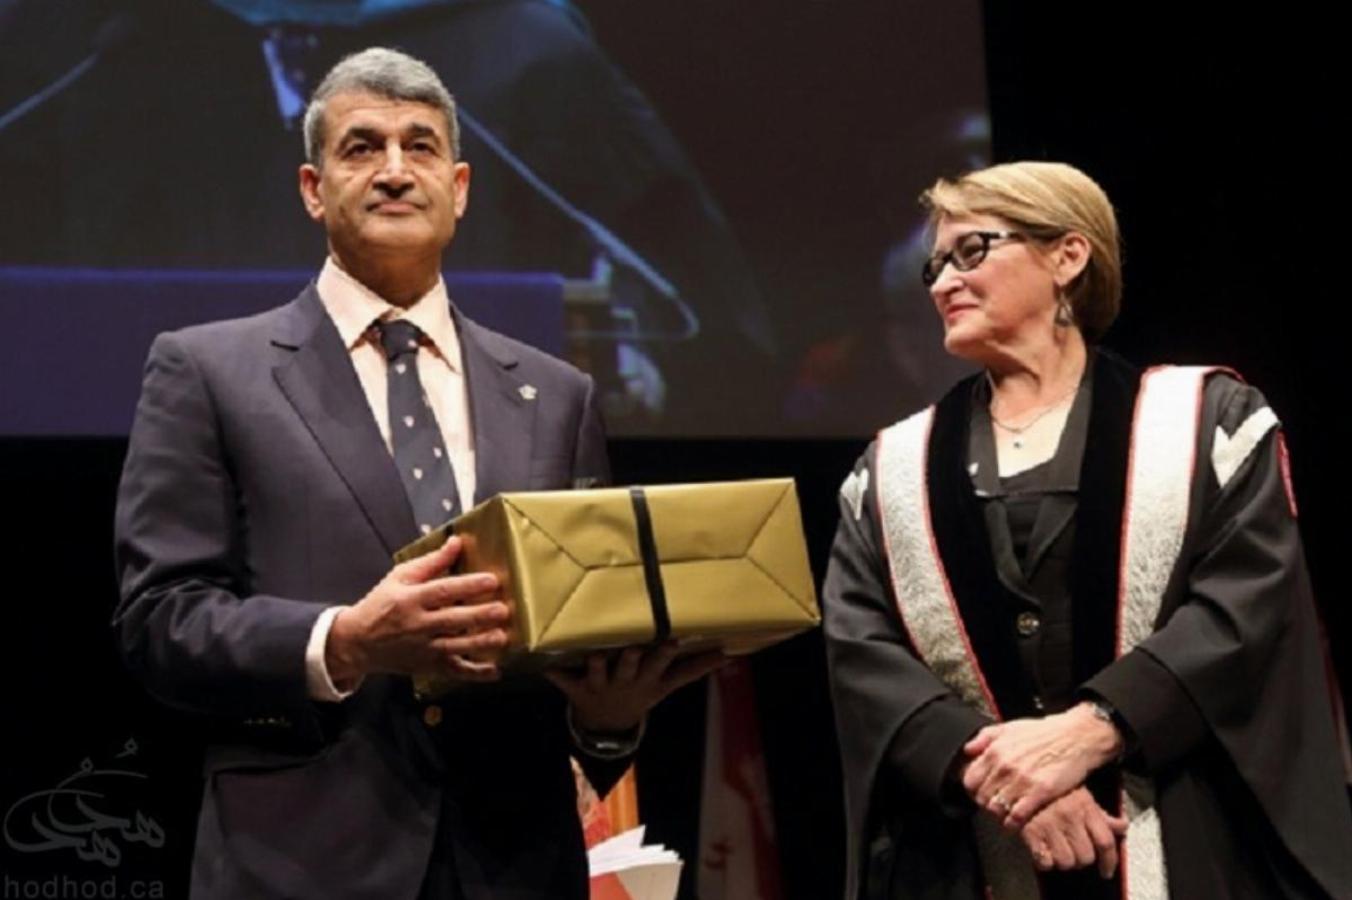 گزارش سمینار مهندس ابراهیم نوروزی استاد دانشگاه مک گیل و یکی از موفق ترین ایرانیان ساکن کانادا